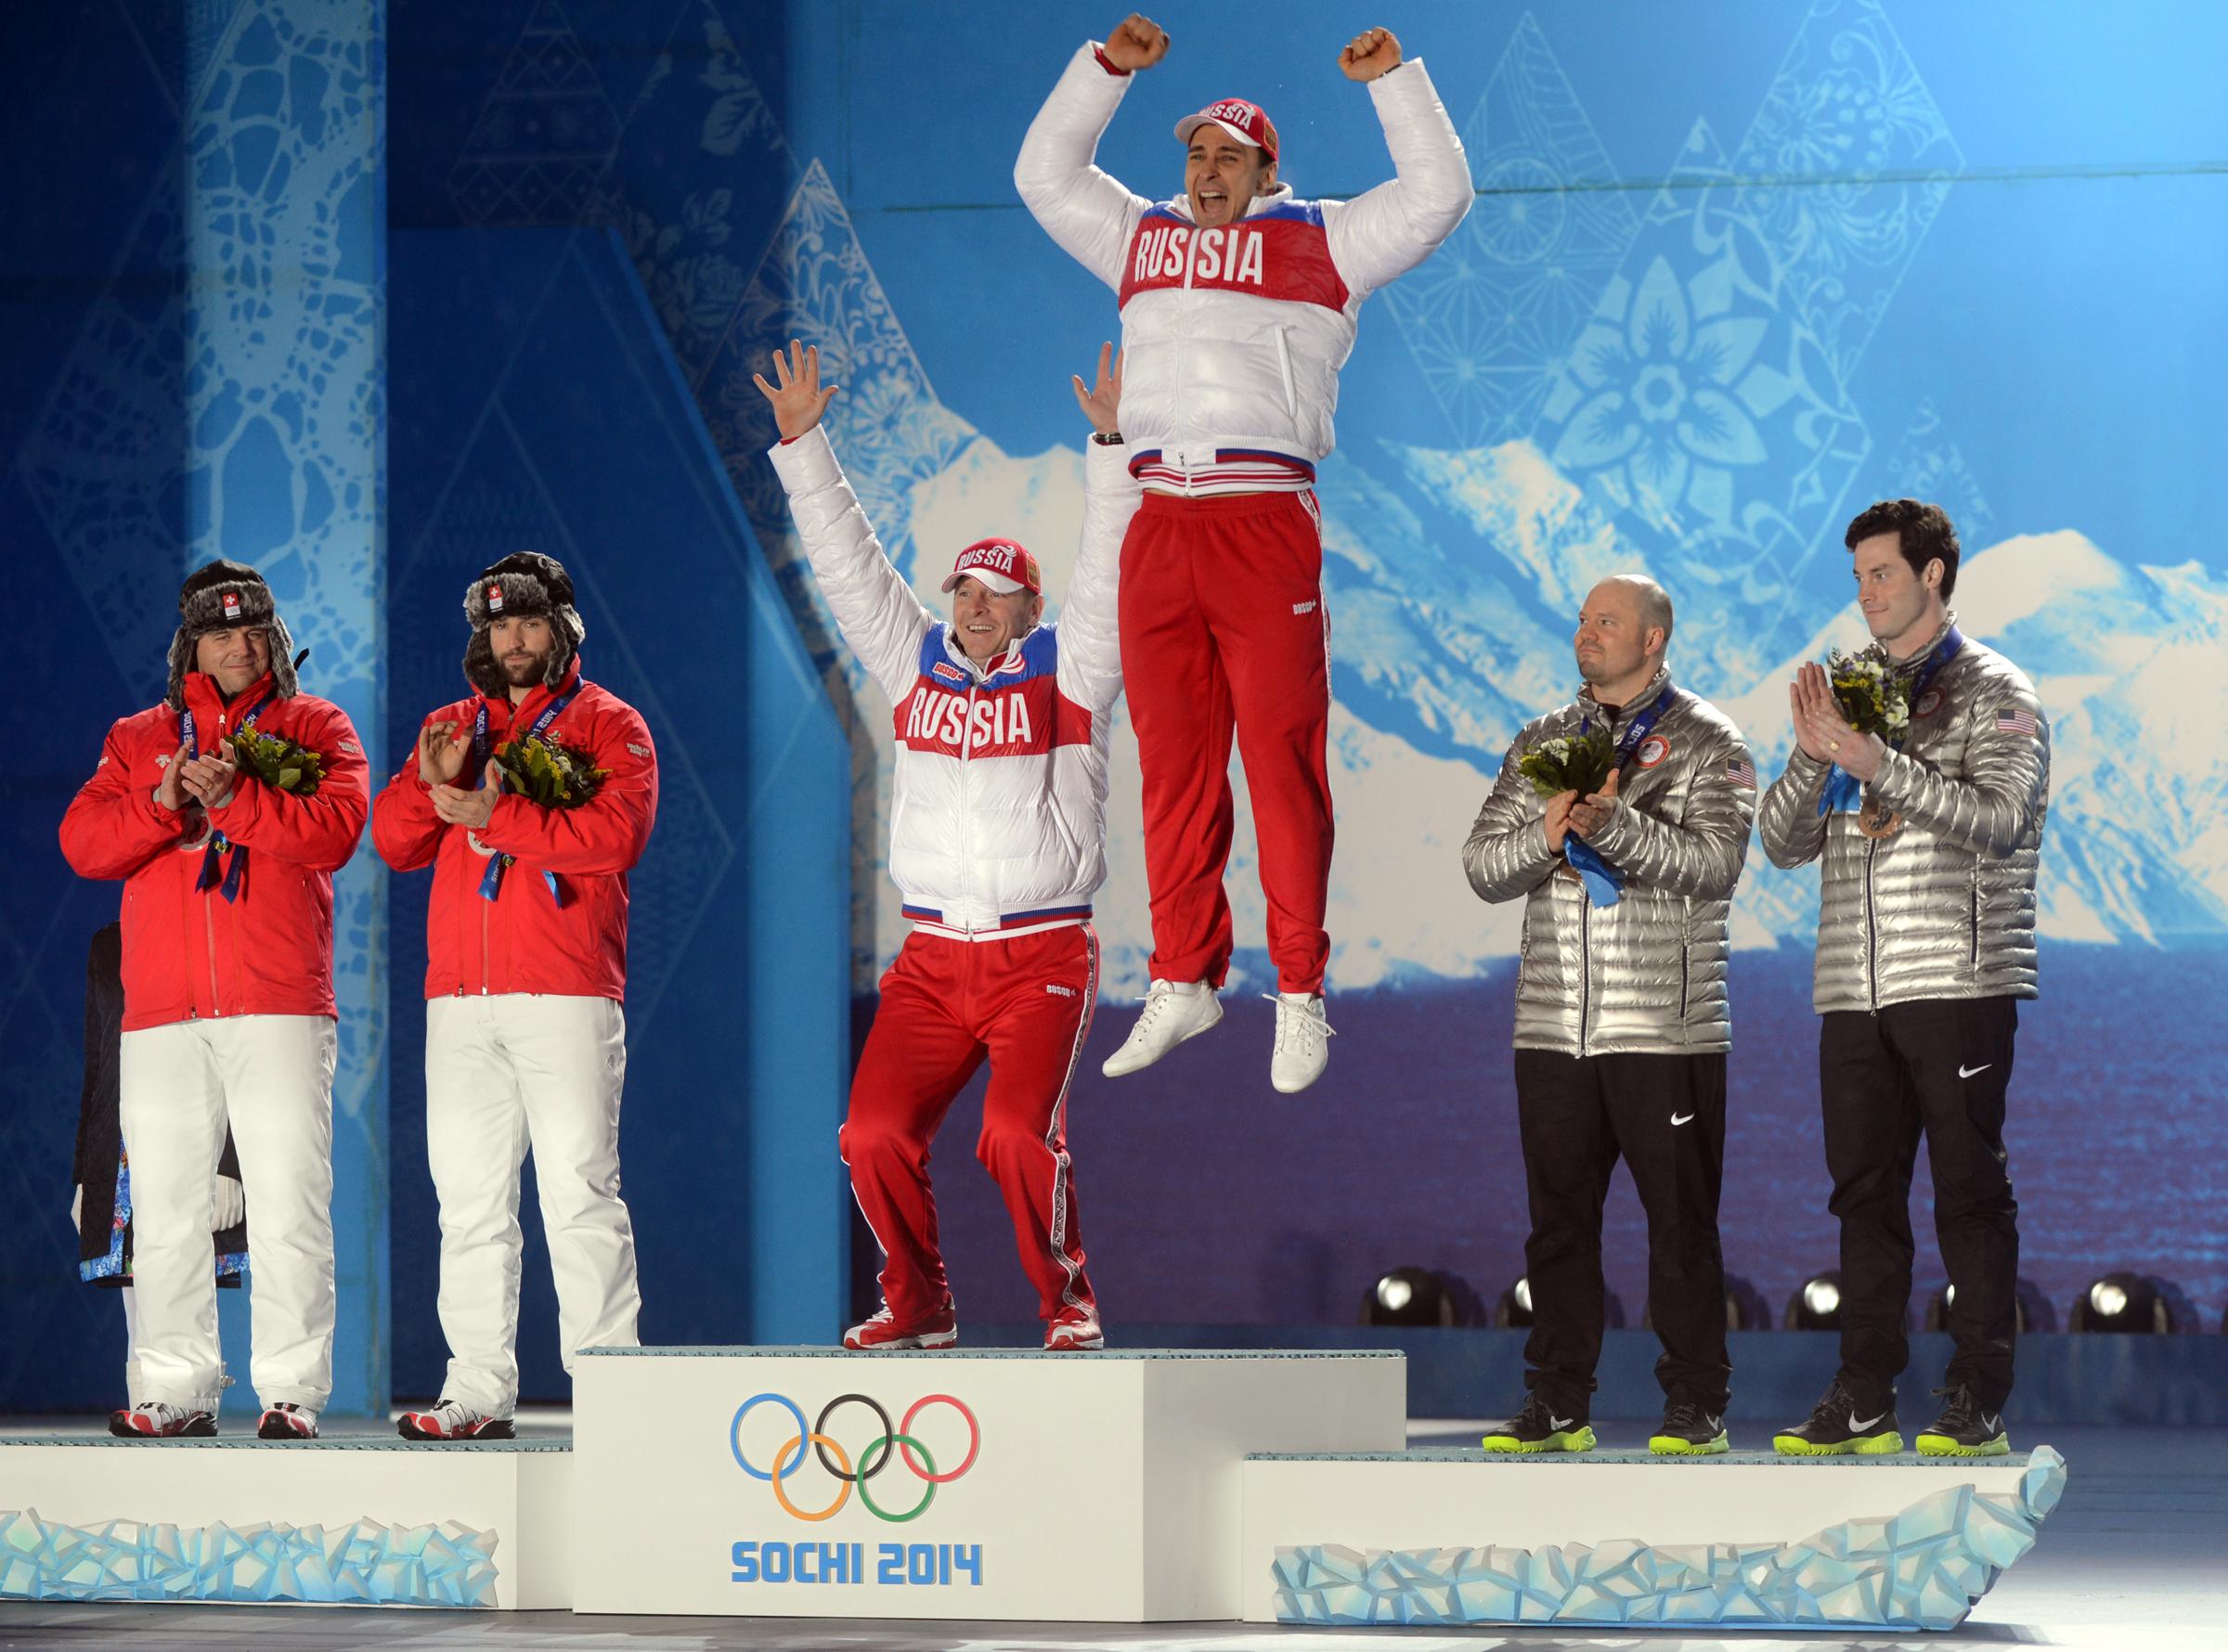 Ruští sportovci na stupních vítězů při zimní olympiádě v Soči